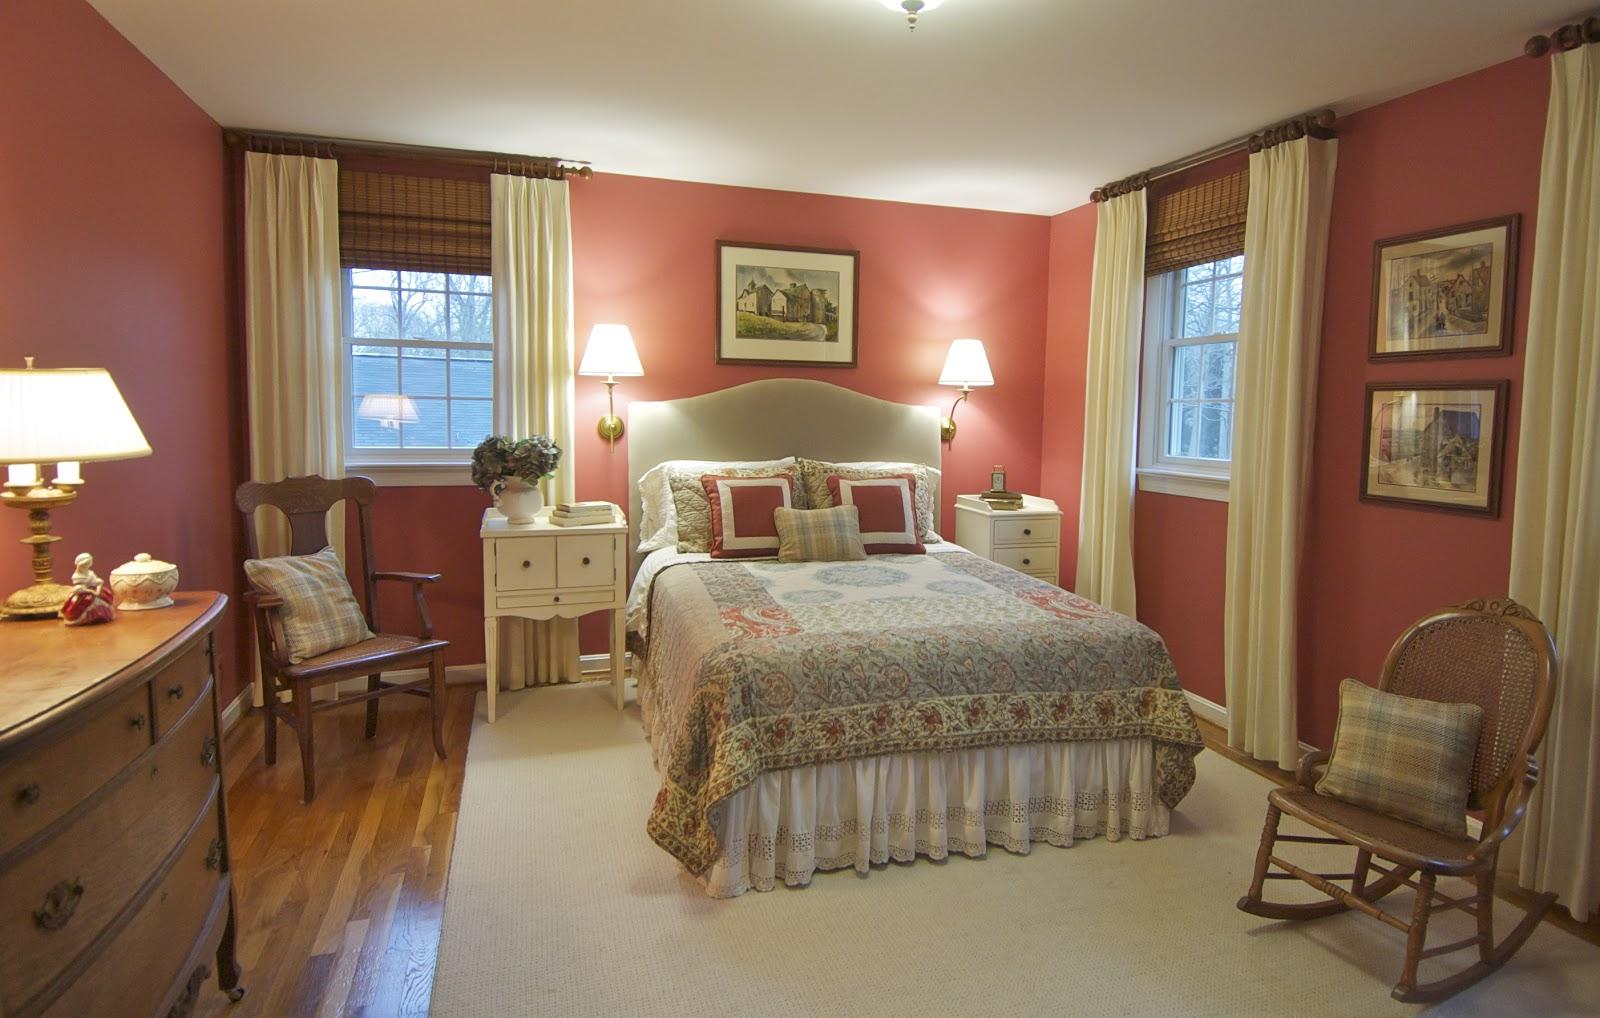 Pretty Inspirational: Aruba and Pretty Guest Bedroom Redo title=